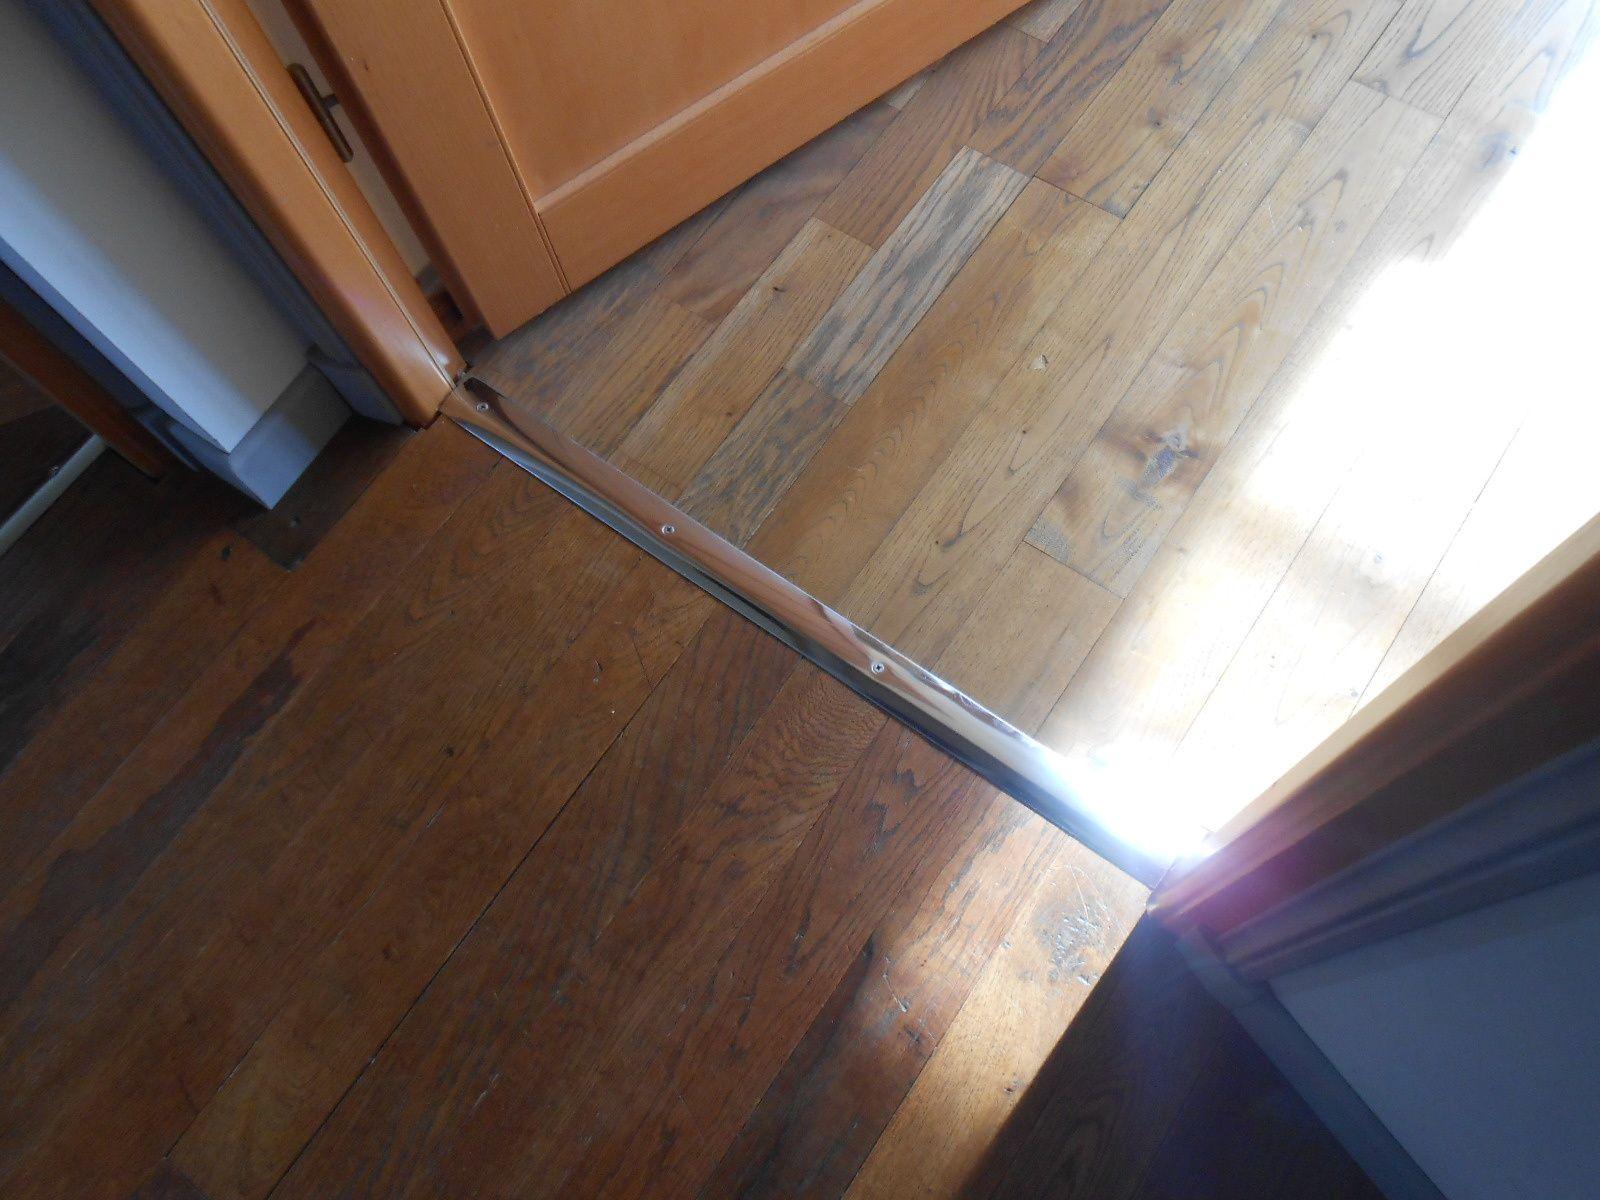 Comment Mettre Une Barre De Seuil barre de seuil - la maison aux 12 travaux